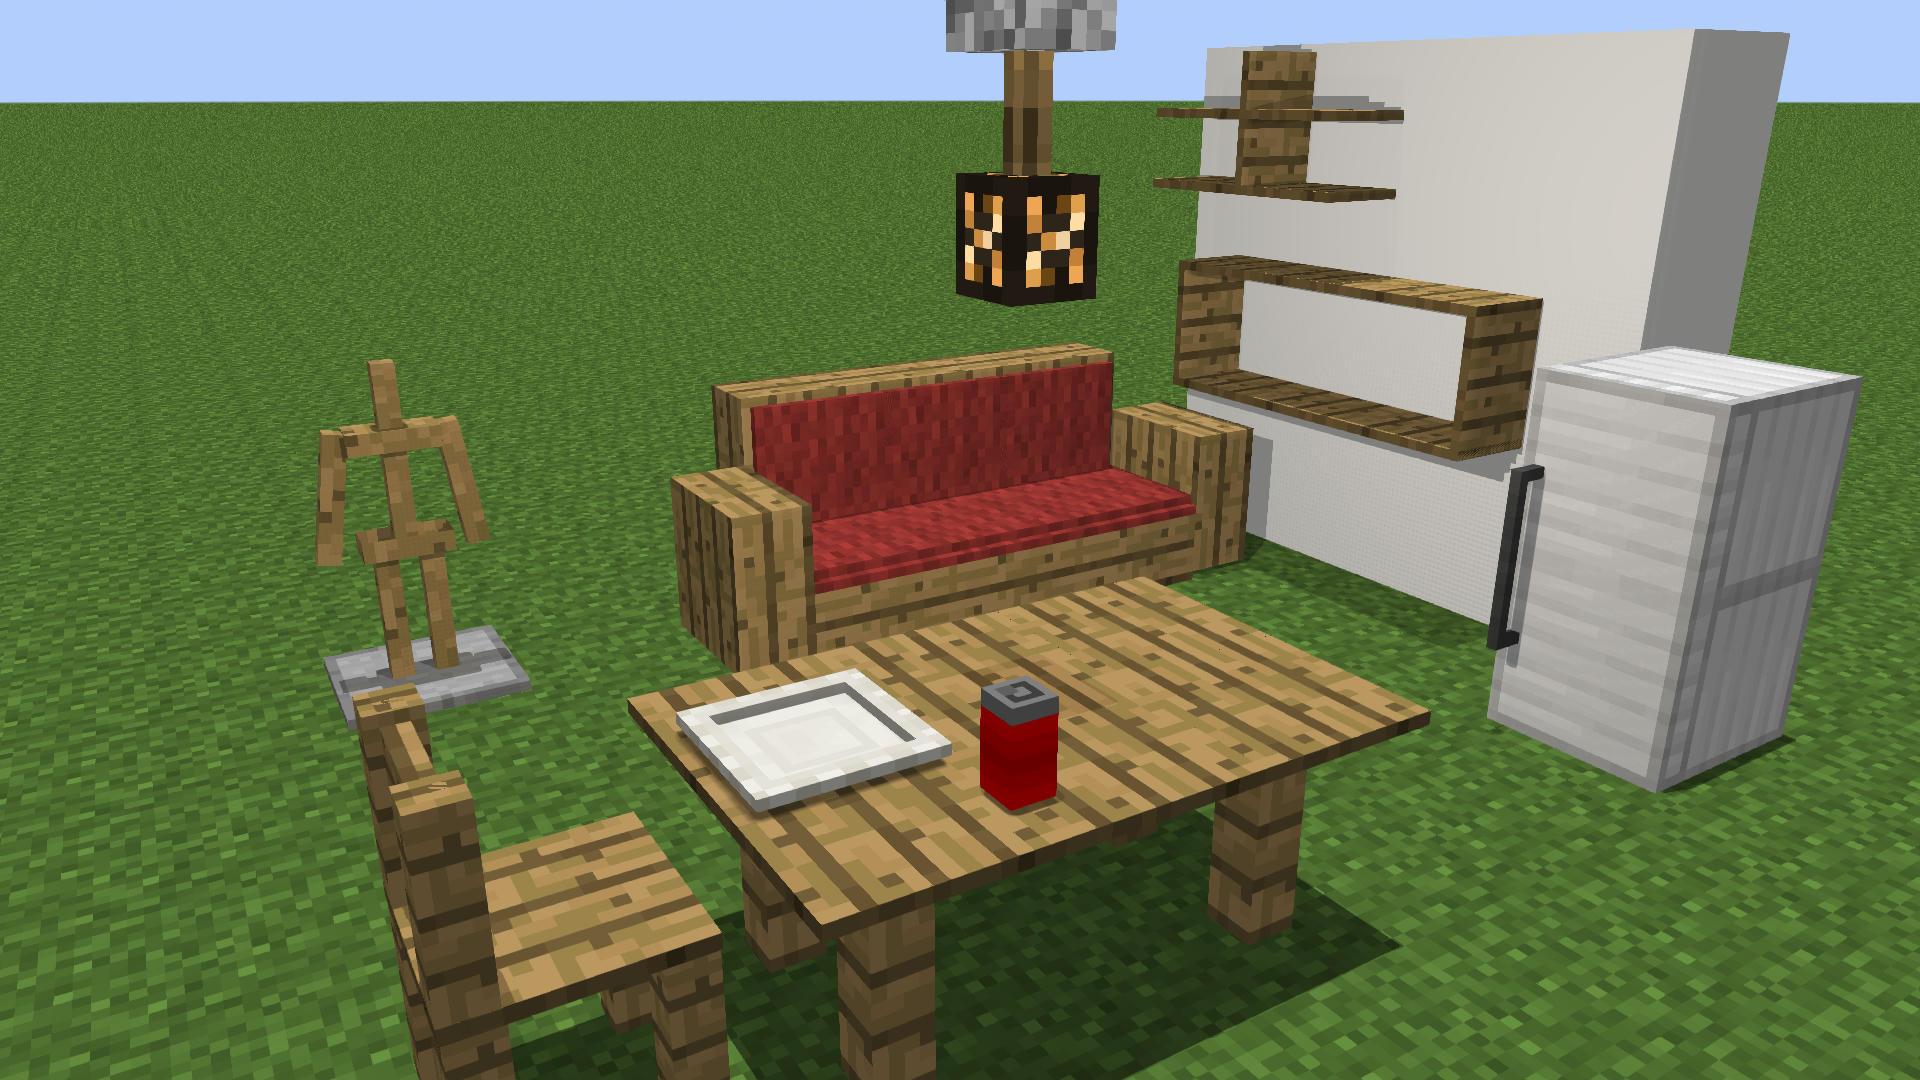 комнда на мебель без модов на майнкрафт 1.7.2 #10